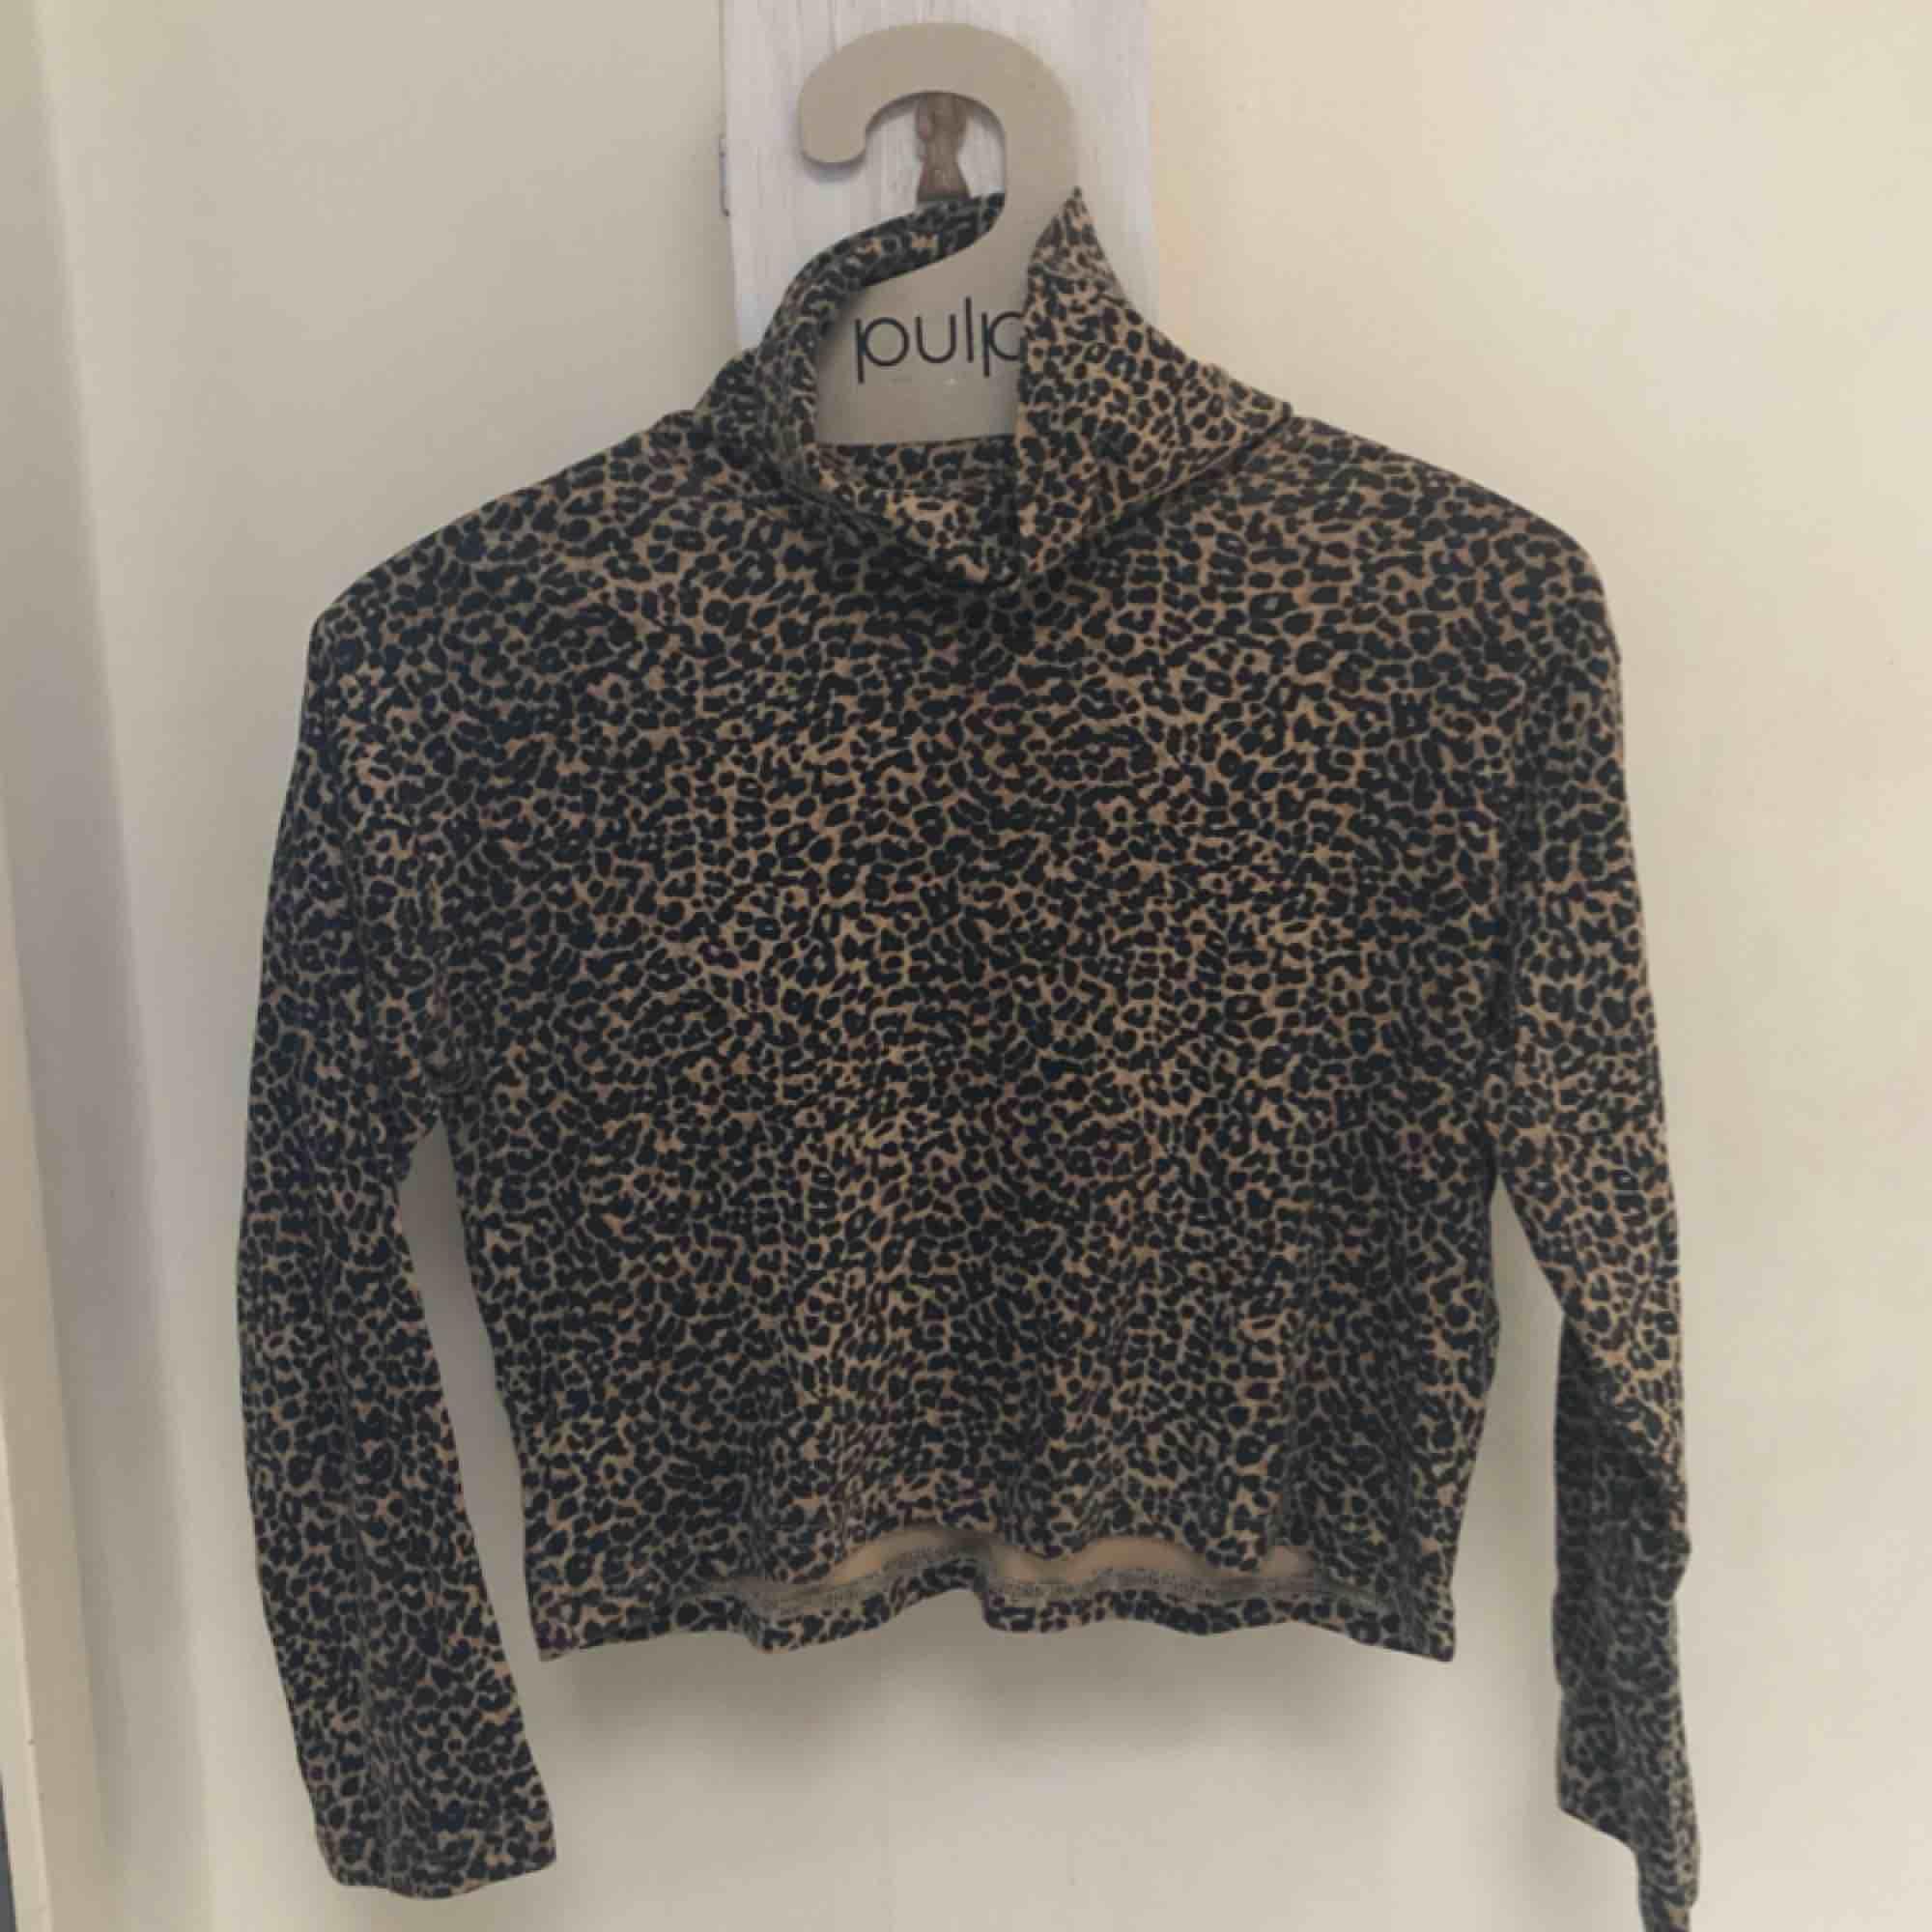 Jättesnygg leopard polotröja! Kortare i modellen och ärmarna🐆 frakt: 30 kr. Toppar.